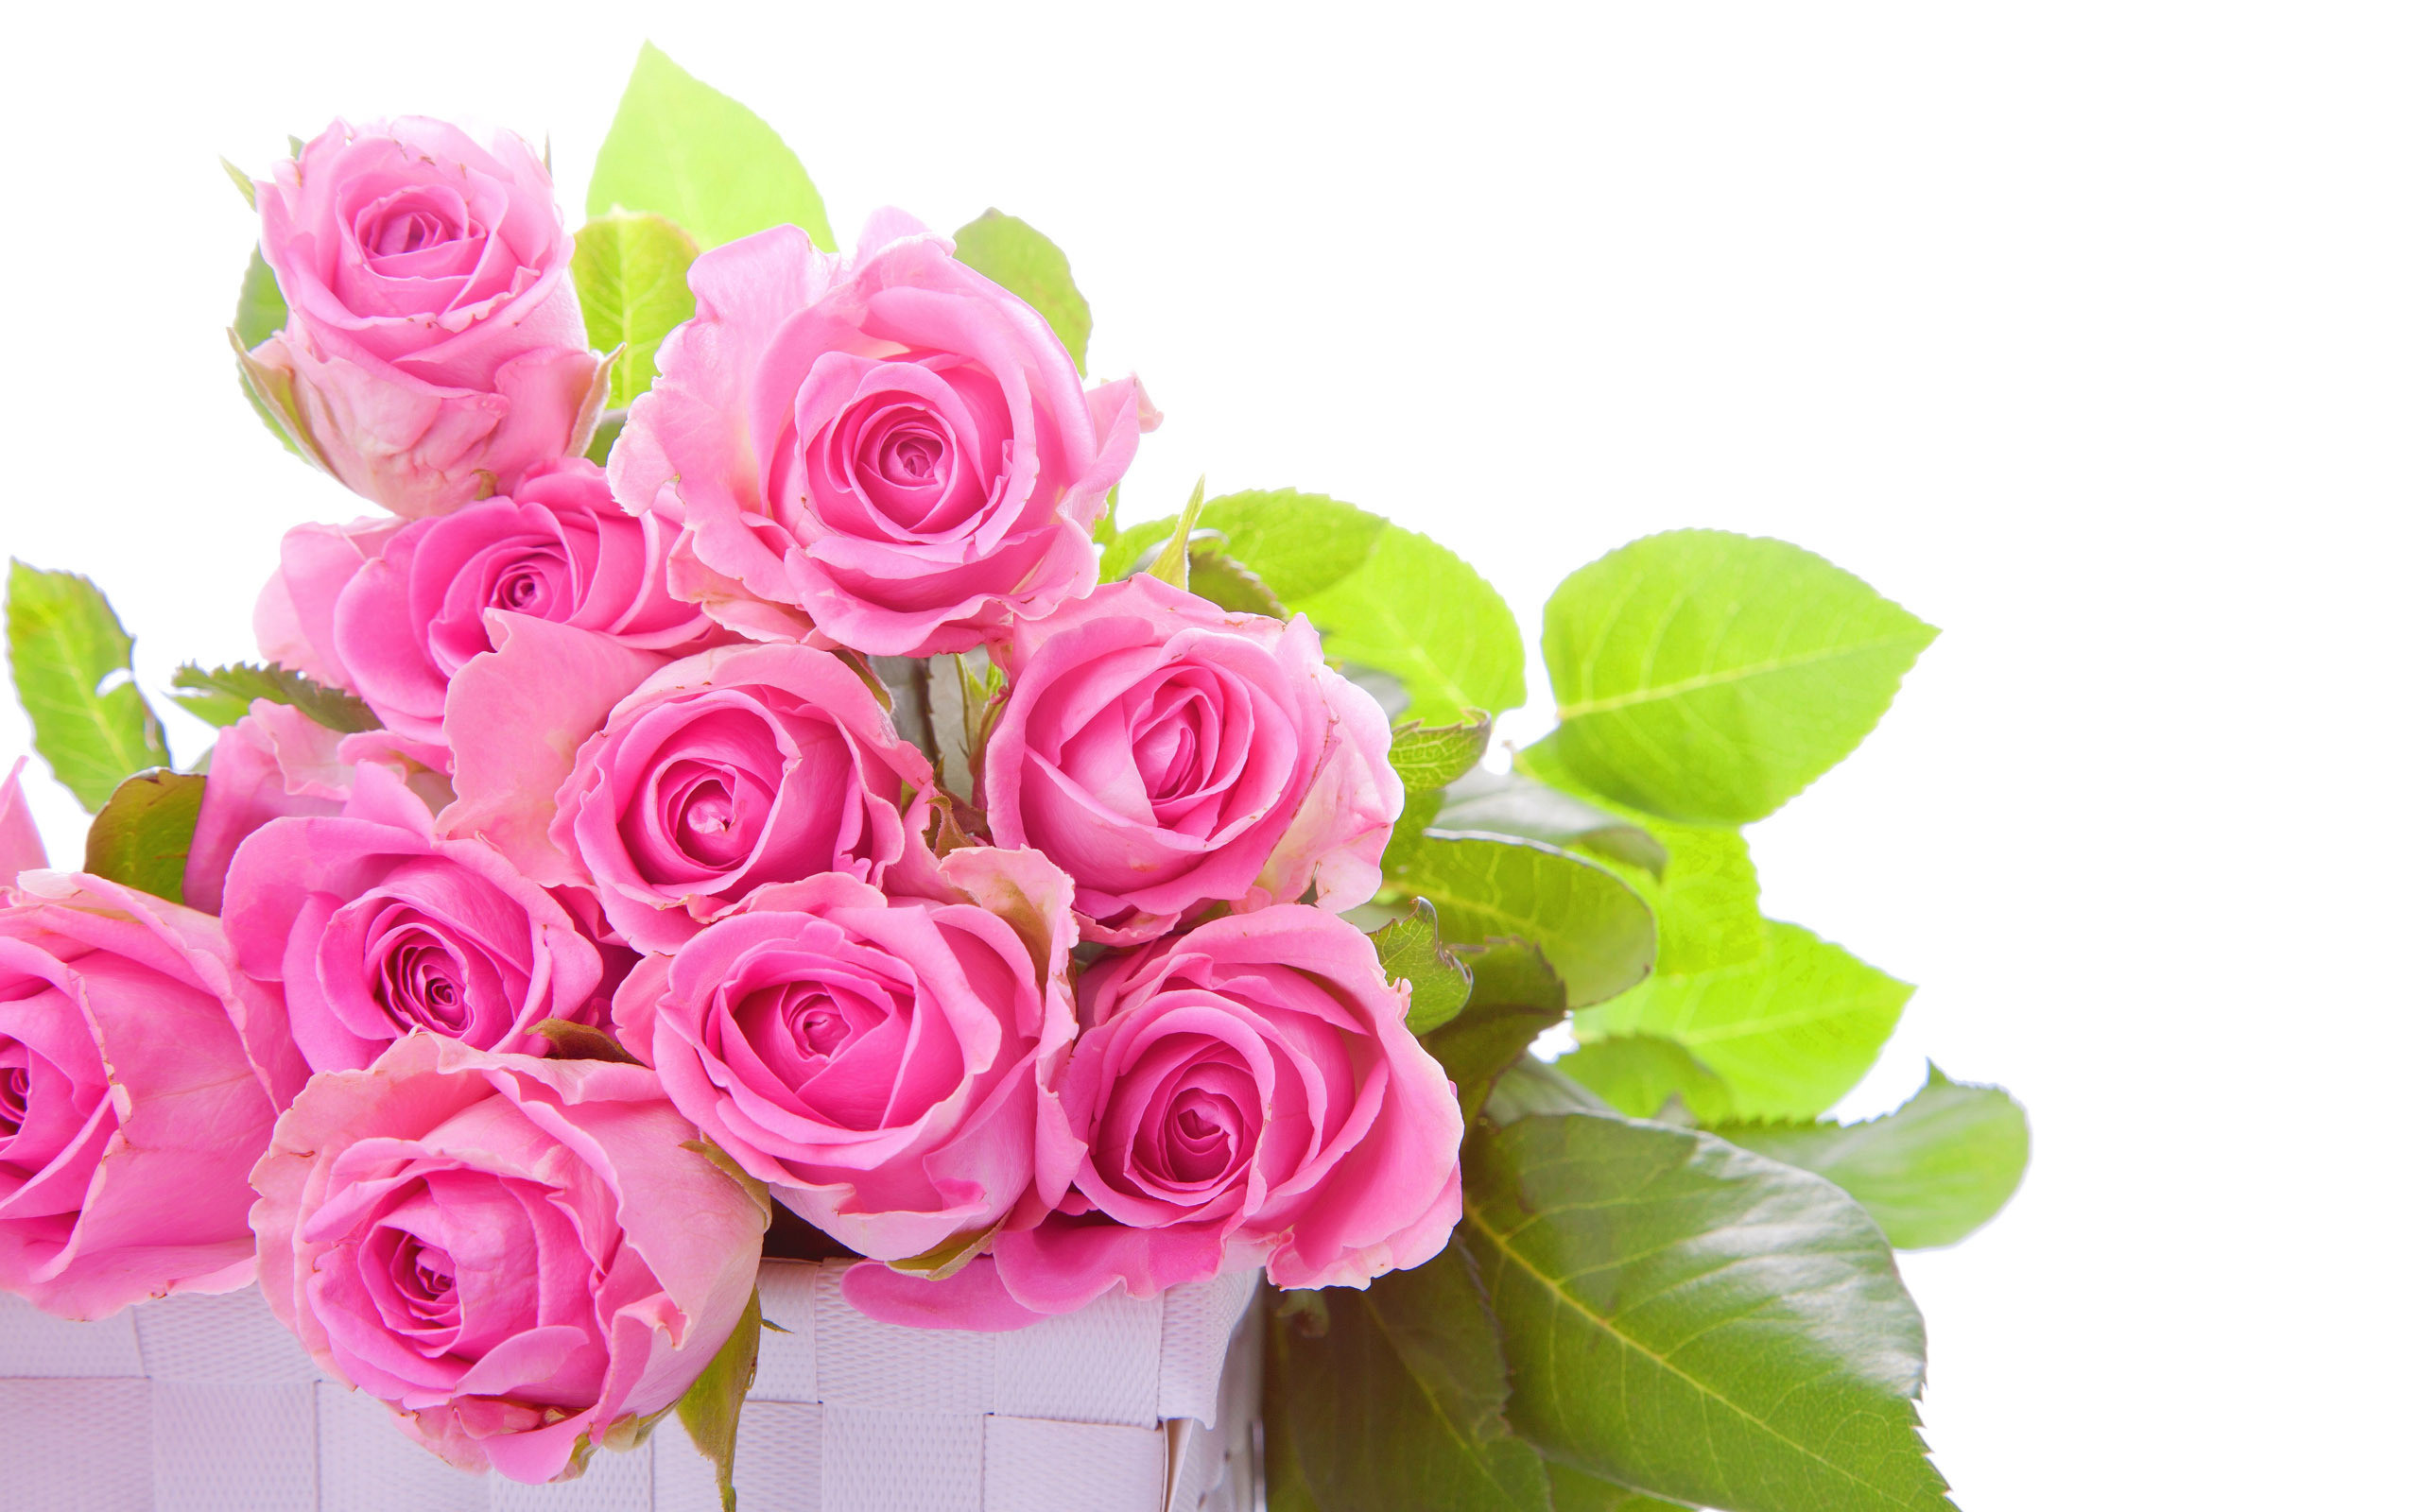 Res: 2560x1600, Beautiful Pink Rose Wallpaper 1080p